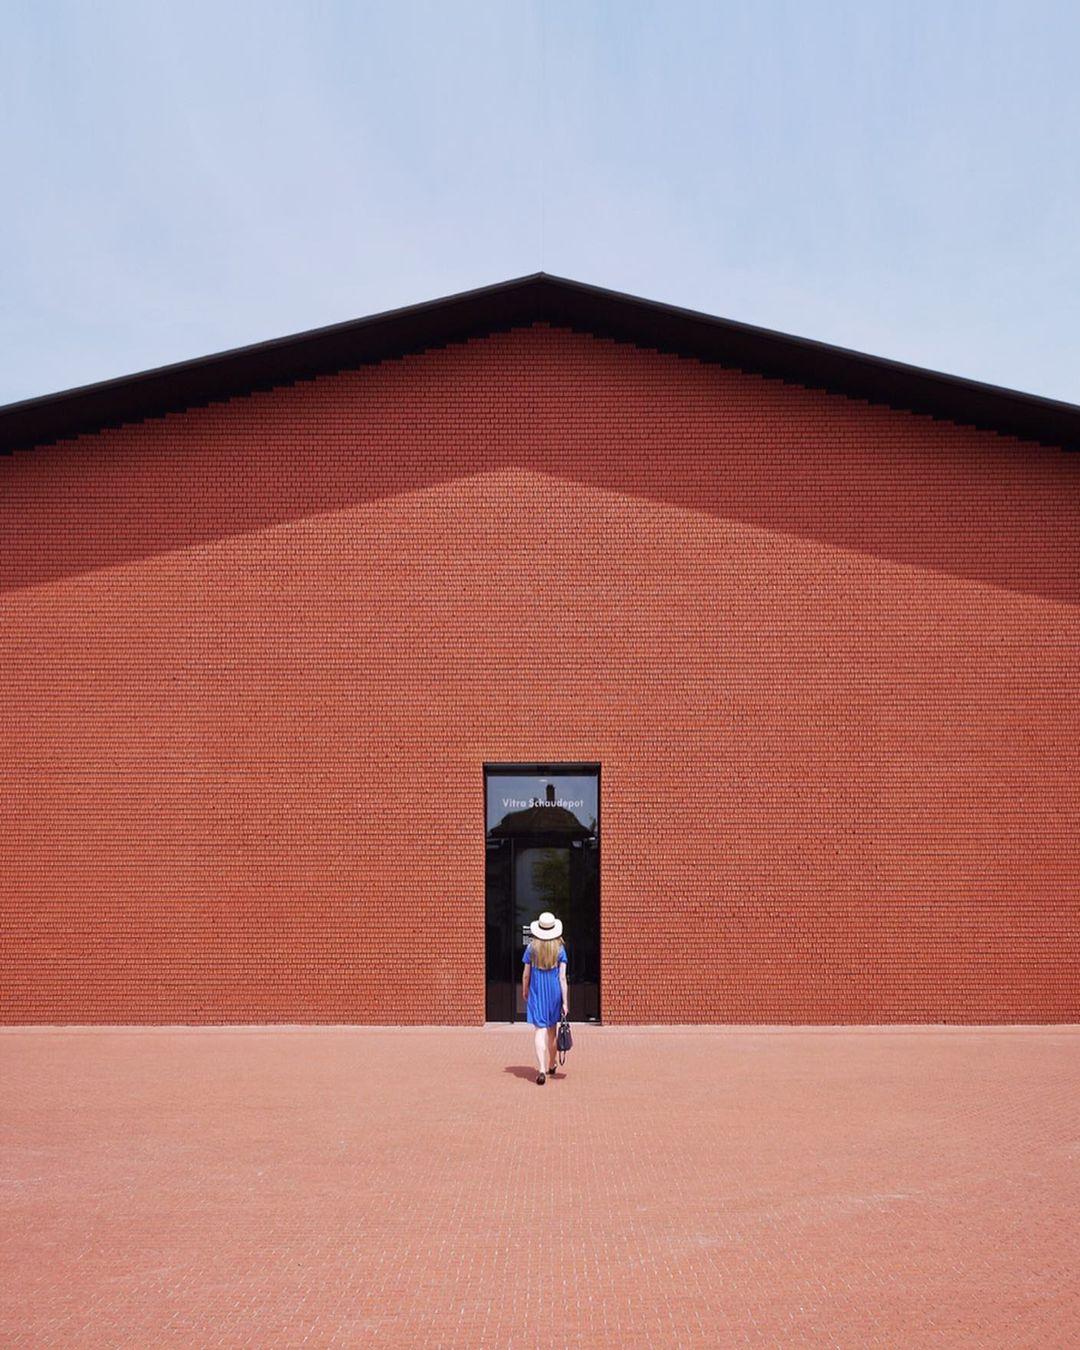 Геометрия окон и симметрия балконов в объективе Рока Изерна